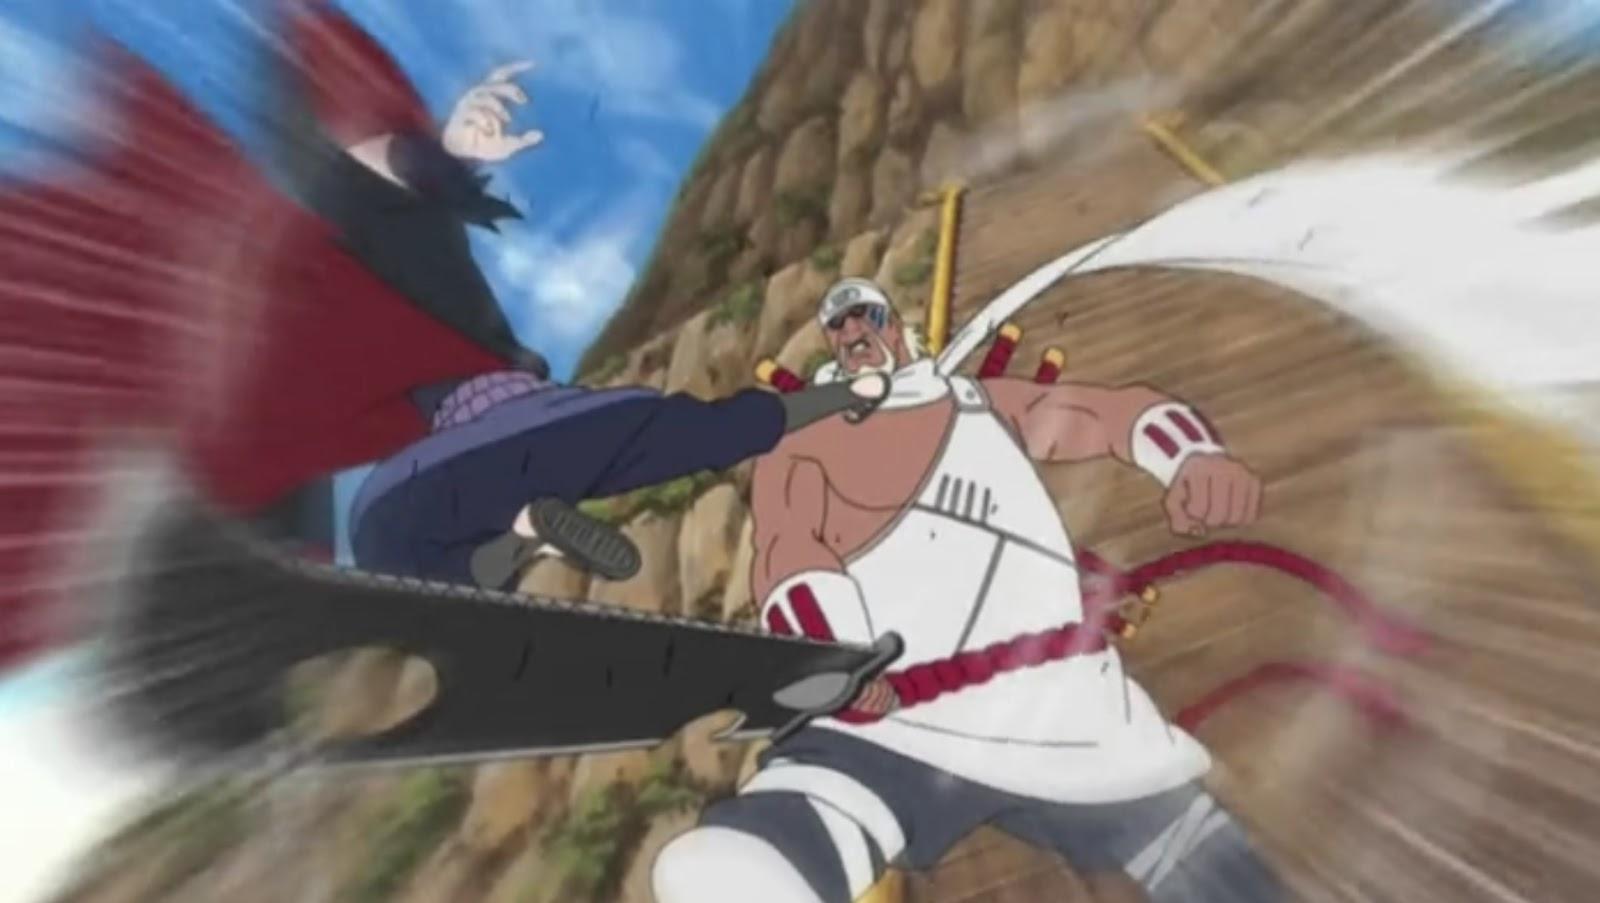 Naruto Shippuden Episódio 143, Naruto Shippuden Episódio 143, Assistir Naruto Shippuden Todos os Episódios Legendado, Naruto Shippuden episódio 143,HD